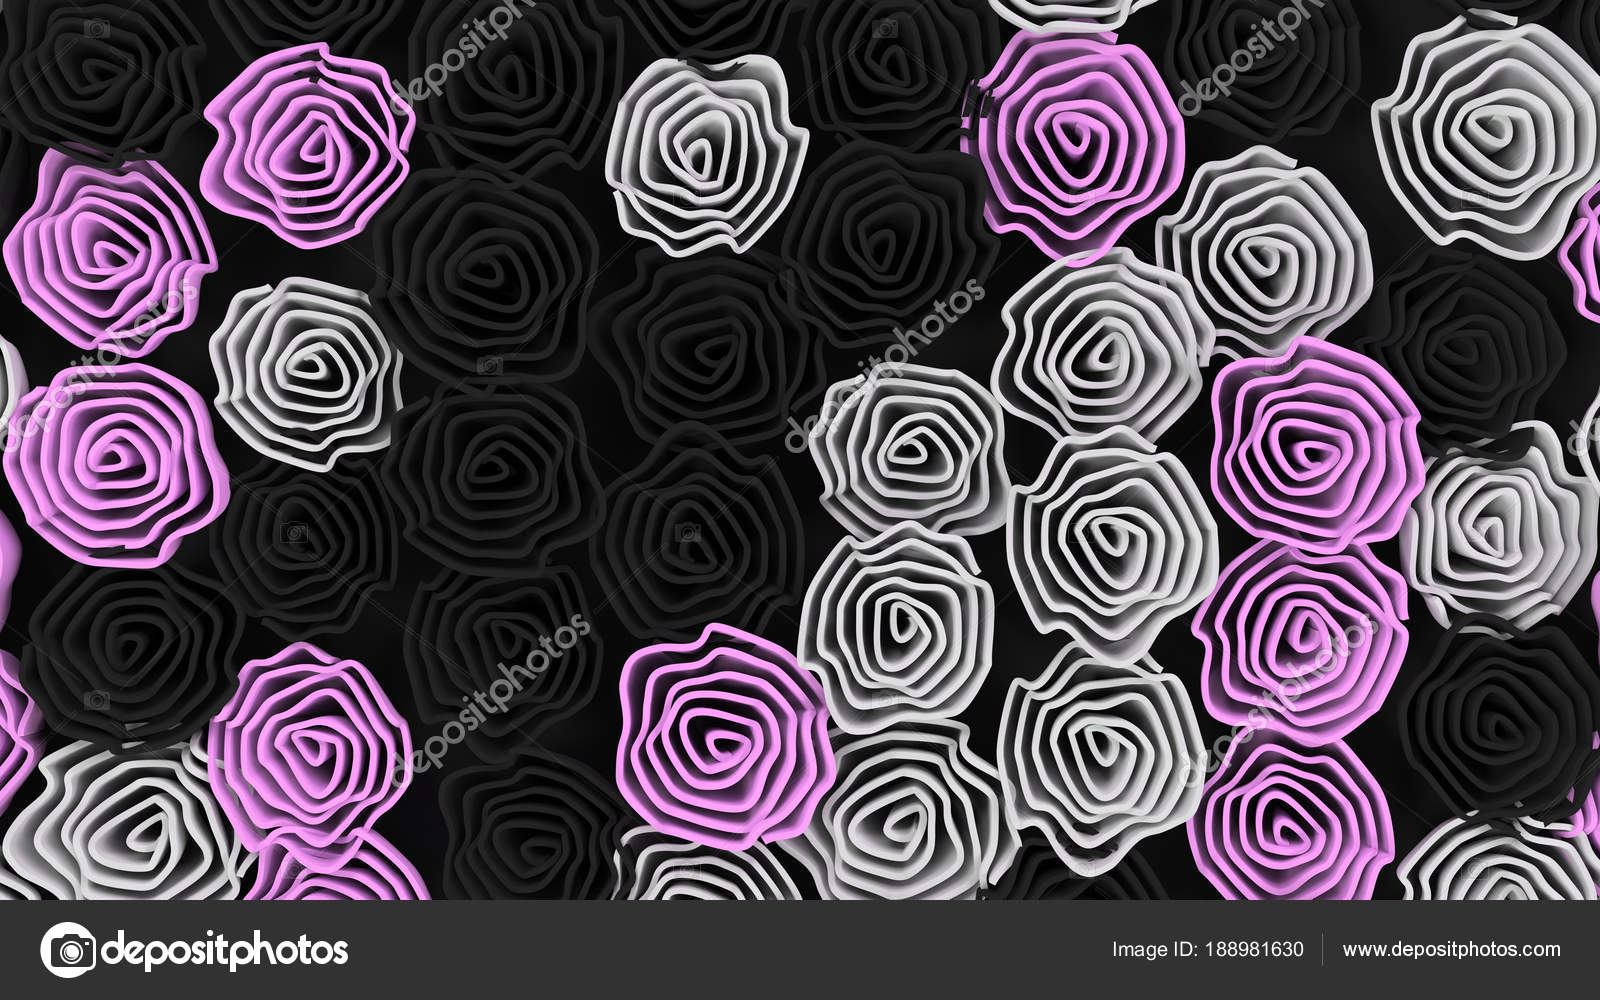 Imágenes Rosas Negras Y Moradas Patrón De Flores Negras Blancas